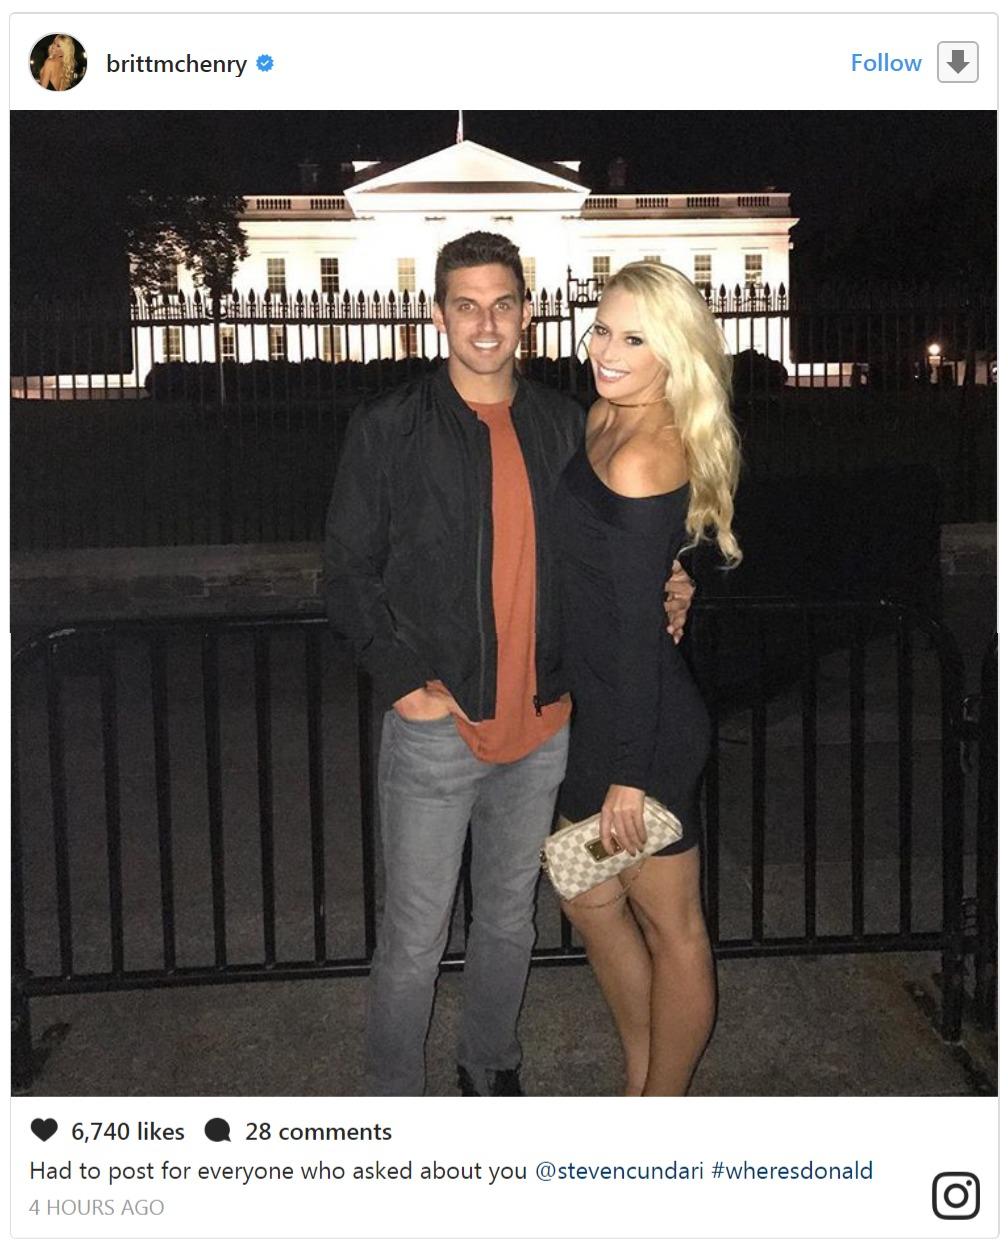 Britt McHenry standing next to her boyfriend Steven Cundari, who is holding her by her waist.